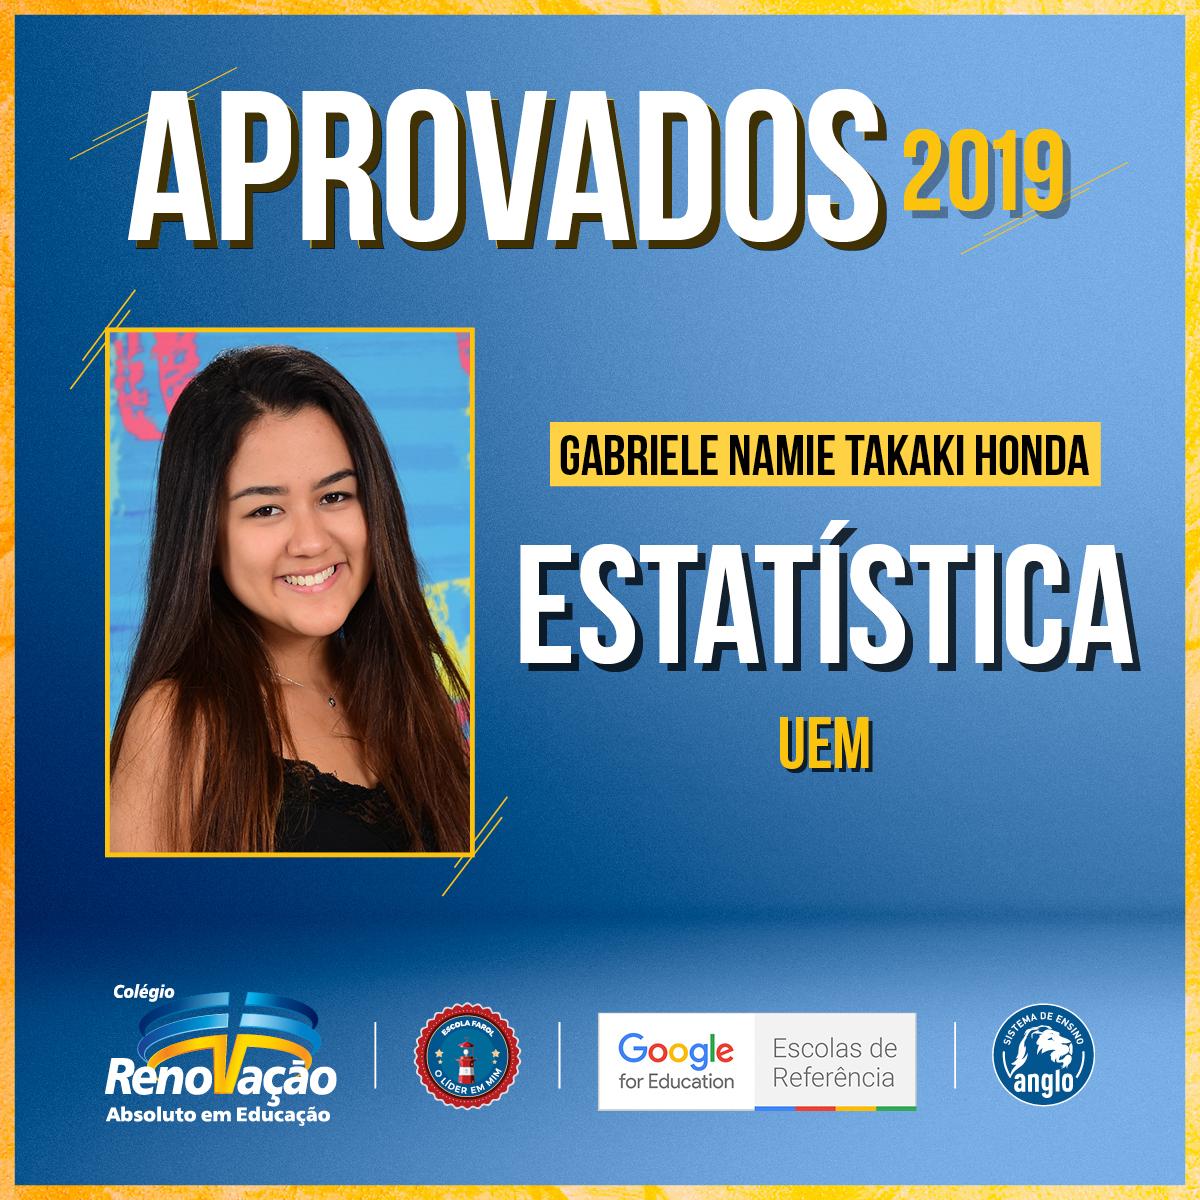 16992_Desdobramentos_Post_BannerAprovados2019_ColegioRenovacaoSP15